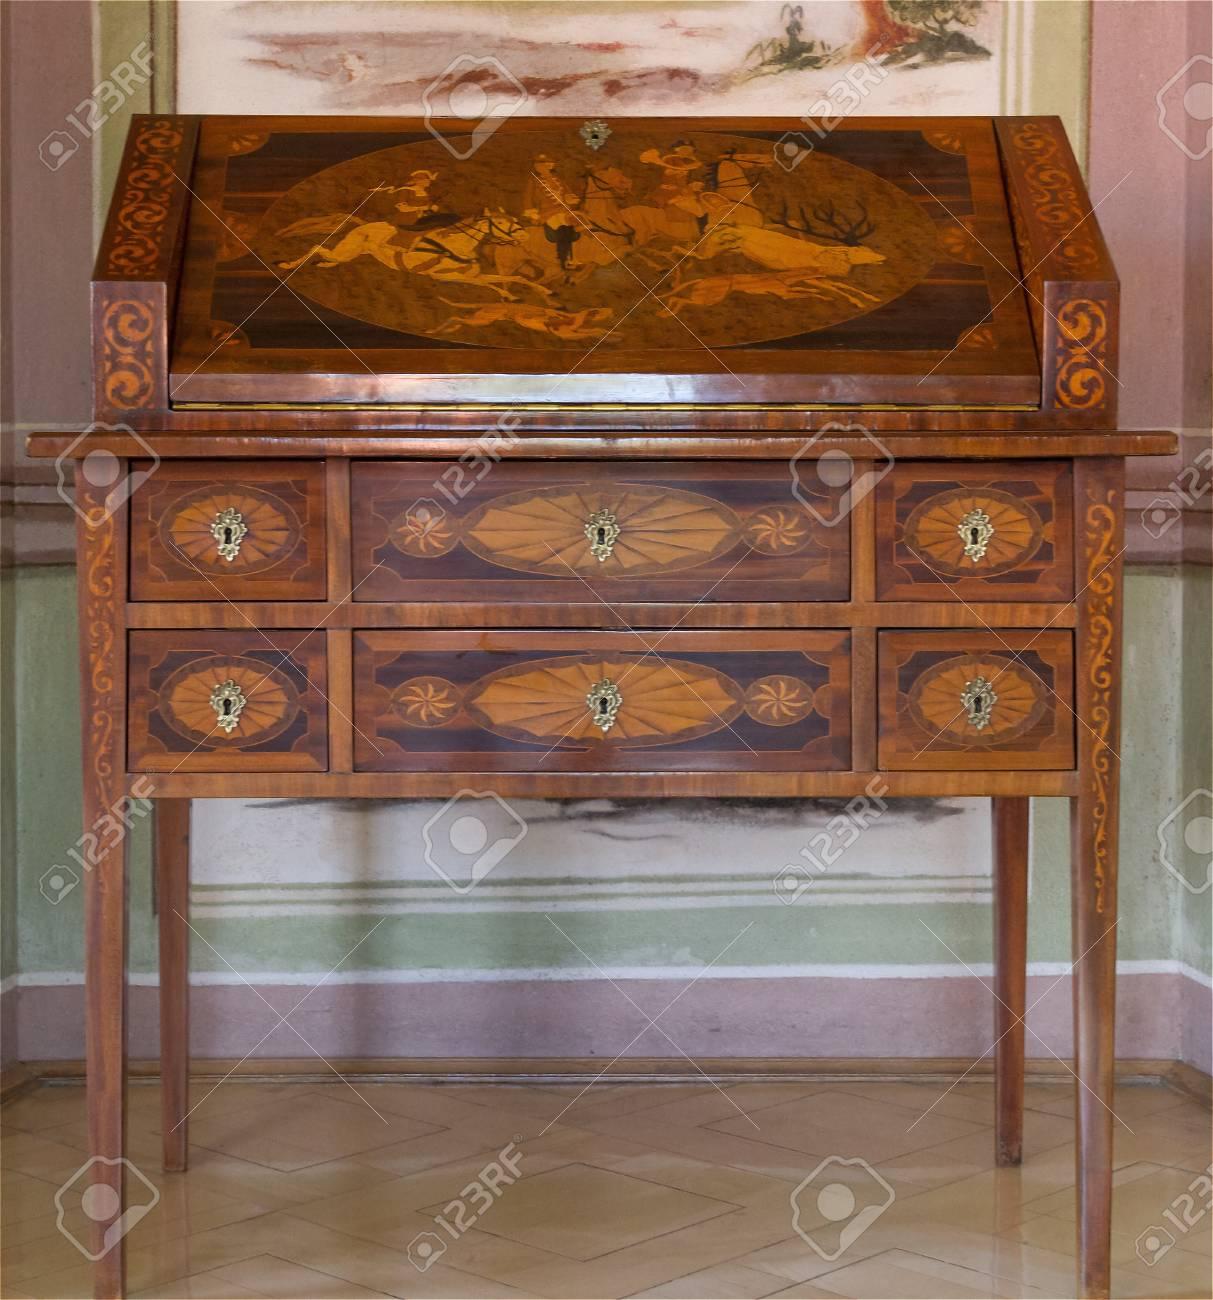 Antike Möbel Die Sekretärin Lizenzfreie Fotos Bilder Und Stock